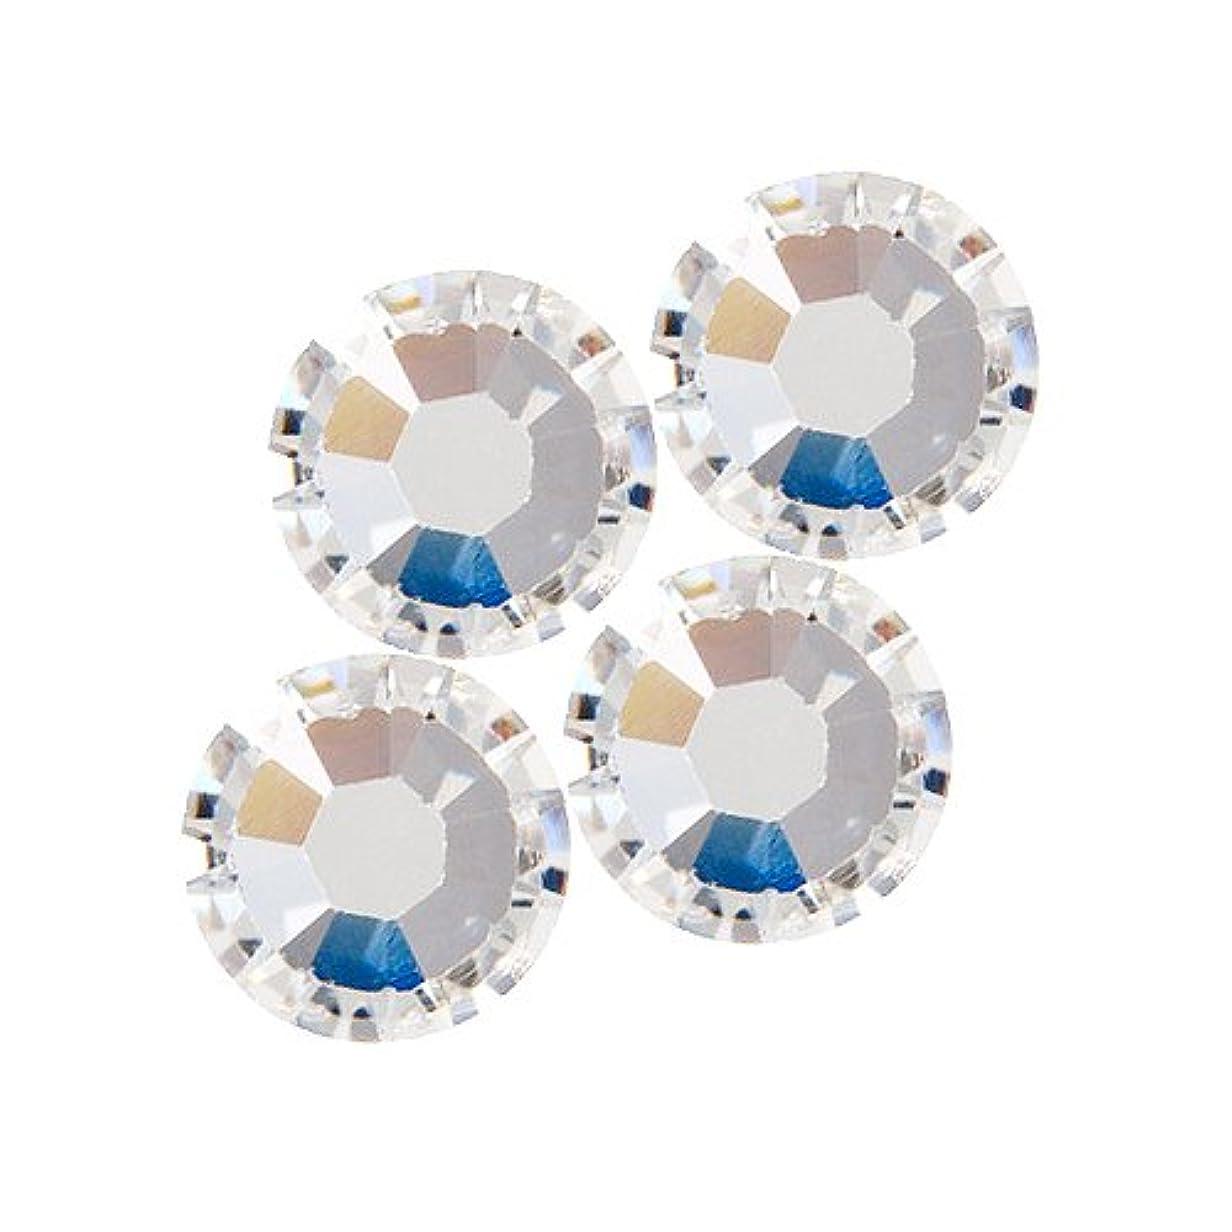 酸化物相対性理論根拠バイナル DIAMOND RHINESTONE  クリスタル SS6 720粒 ST-SS6-CRY-5G